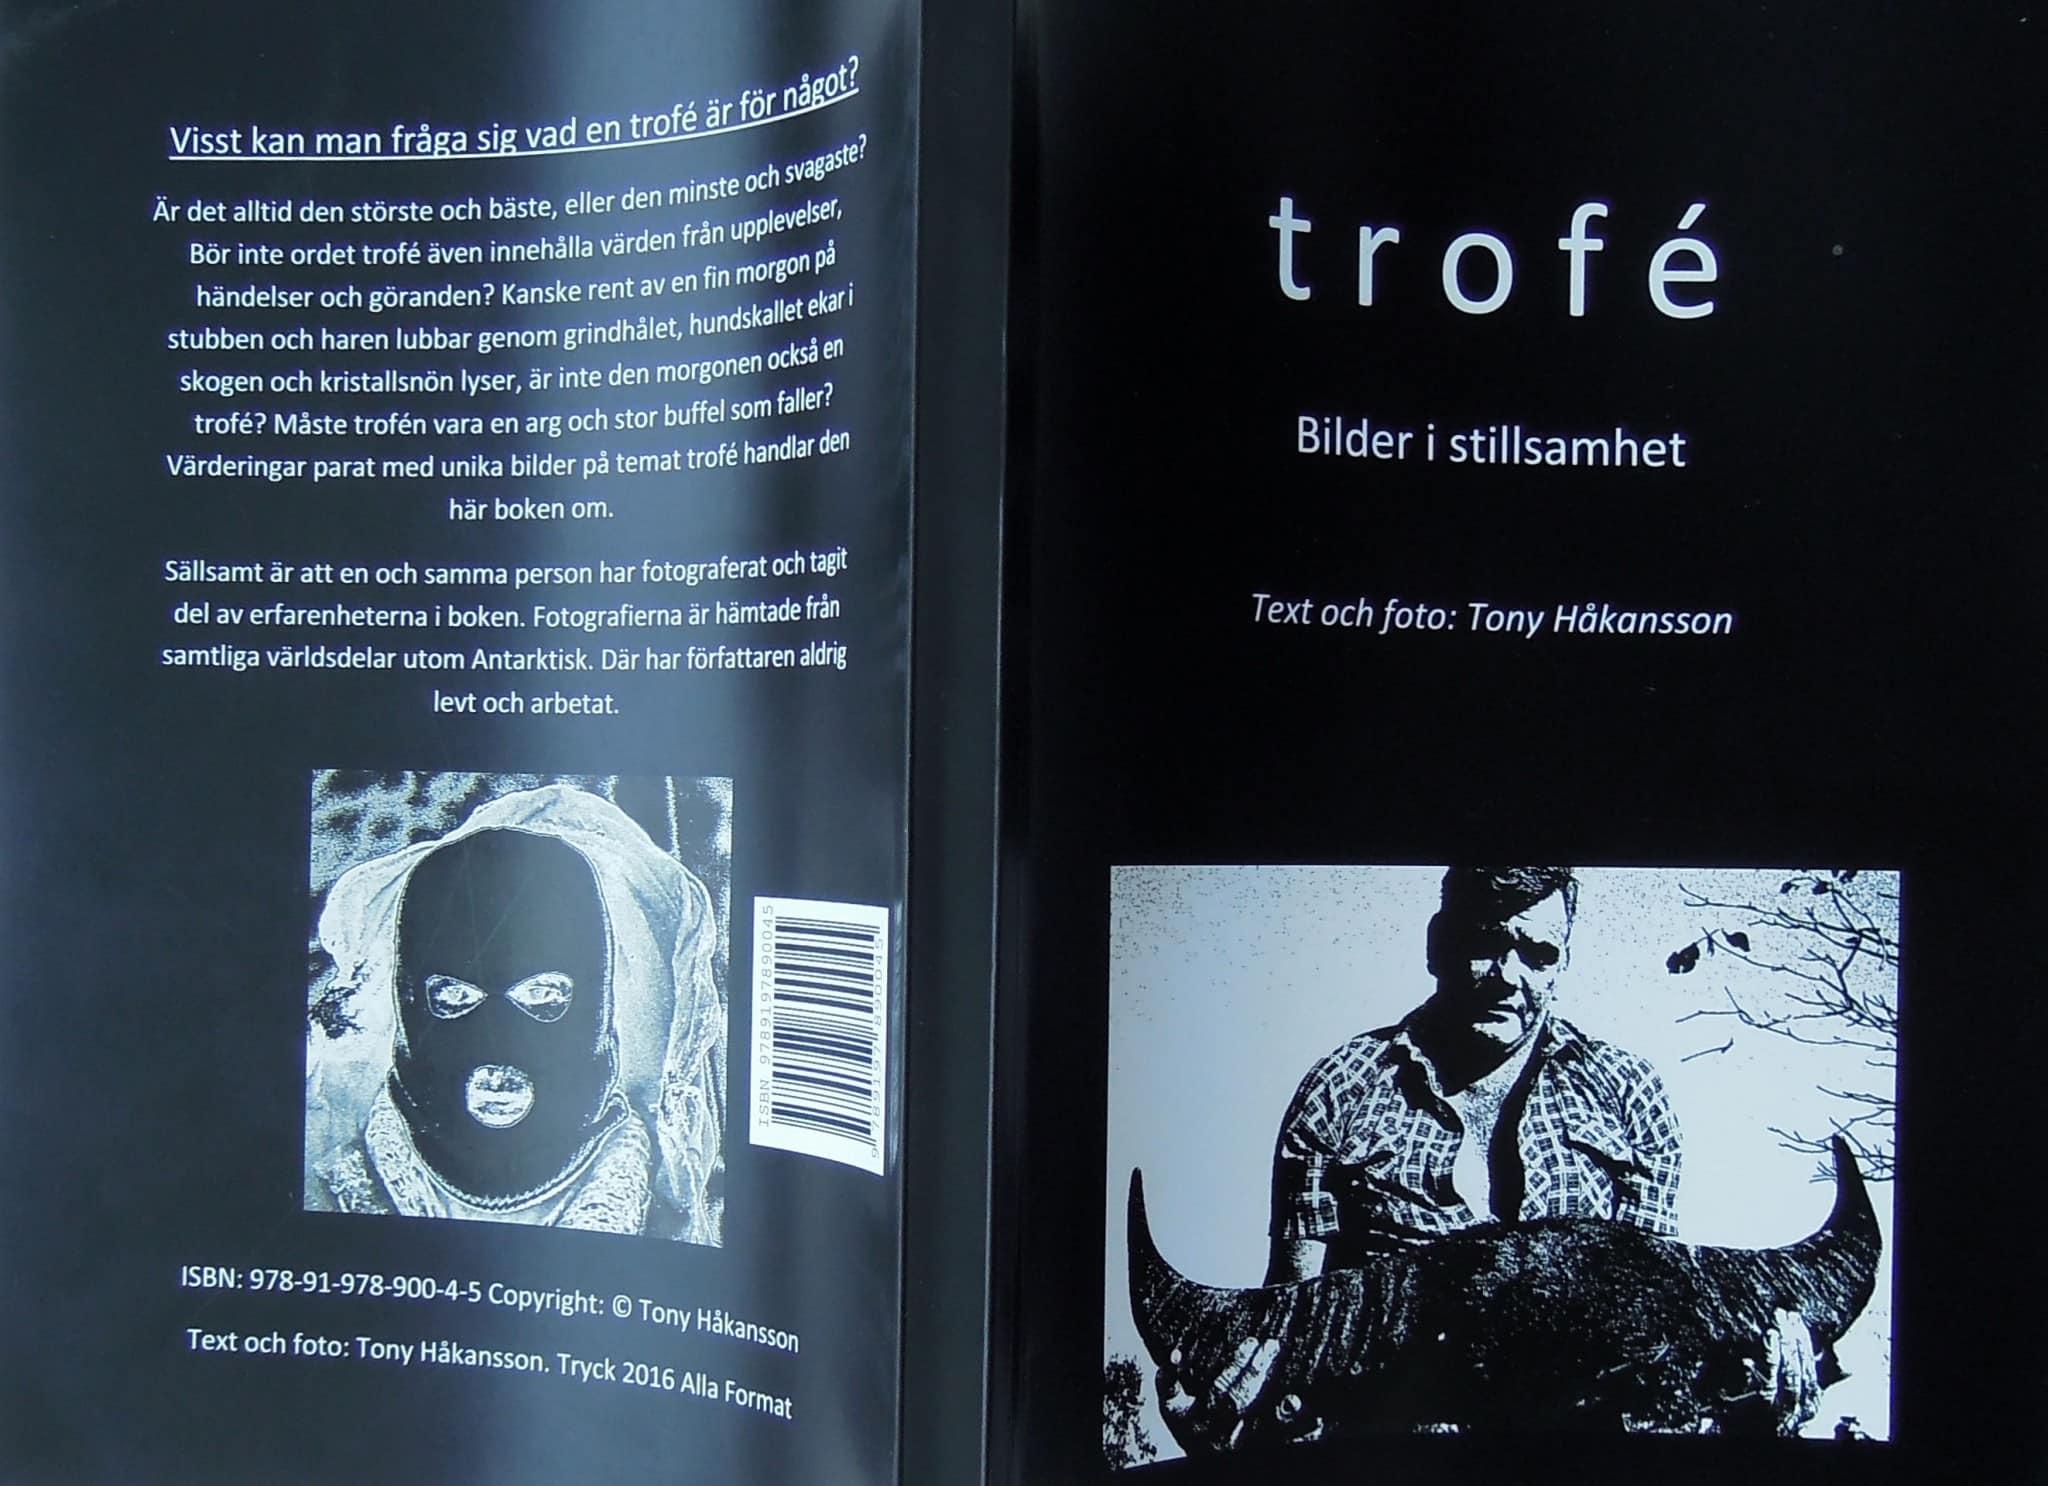 Trofé – bilder i stillsamhet.